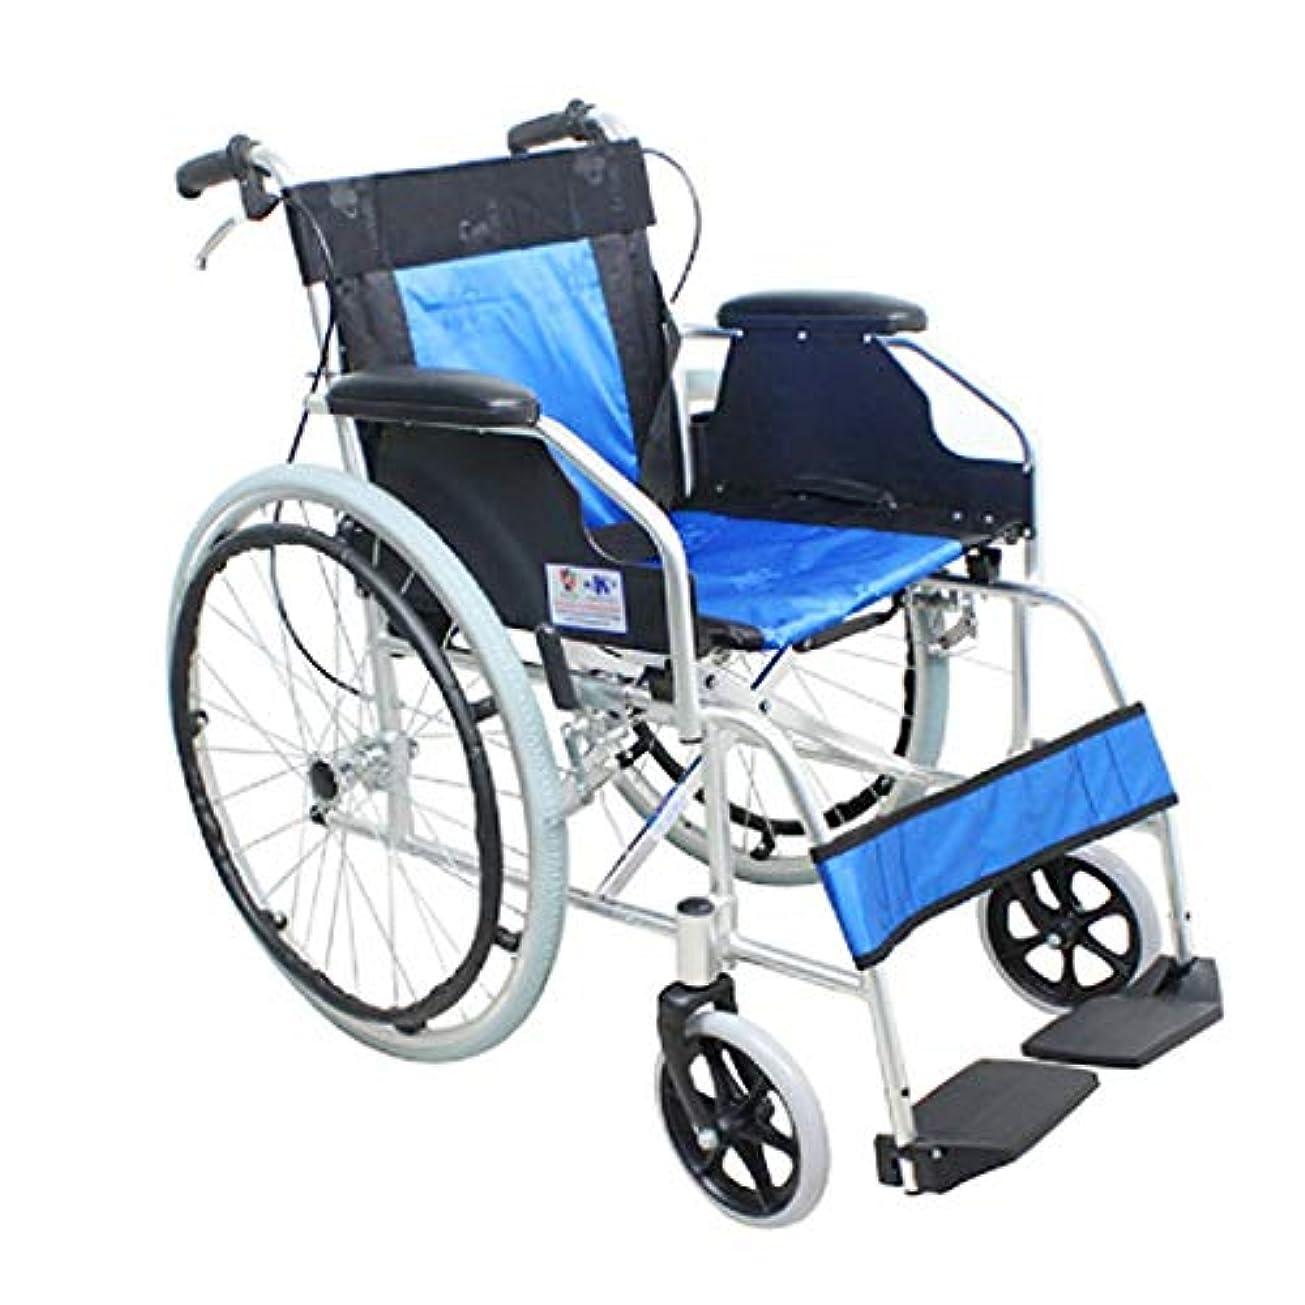 世代侵入する外交官アルミ合金車椅子折りたたみポータブル障害者高齢者車椅子4ブレーキデザインバックストレージバッグ